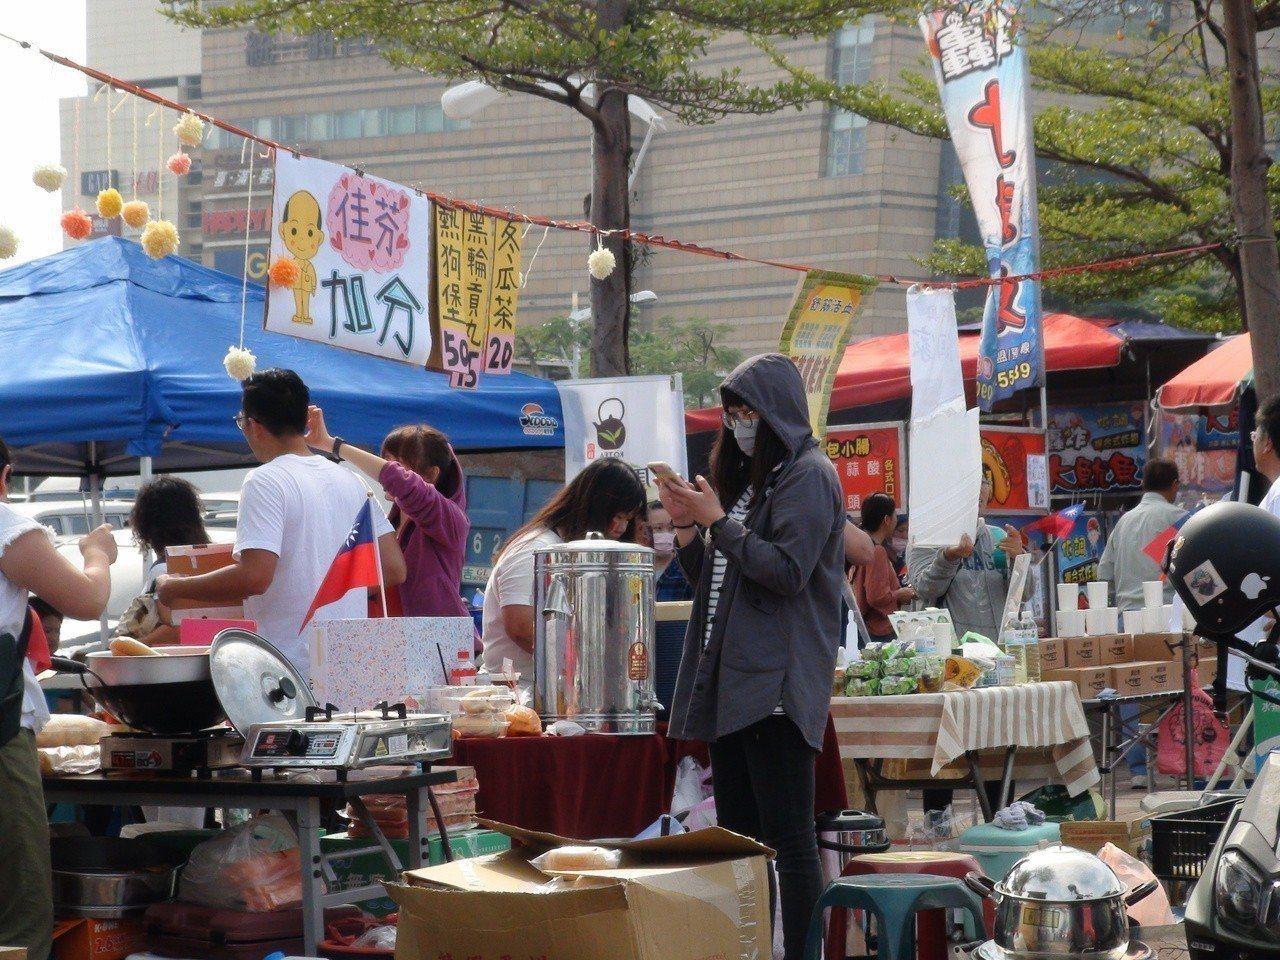 韓國瑜的太太李佳芬也成為攤商的宣傳招牌。 圖/聯合報系資料照片